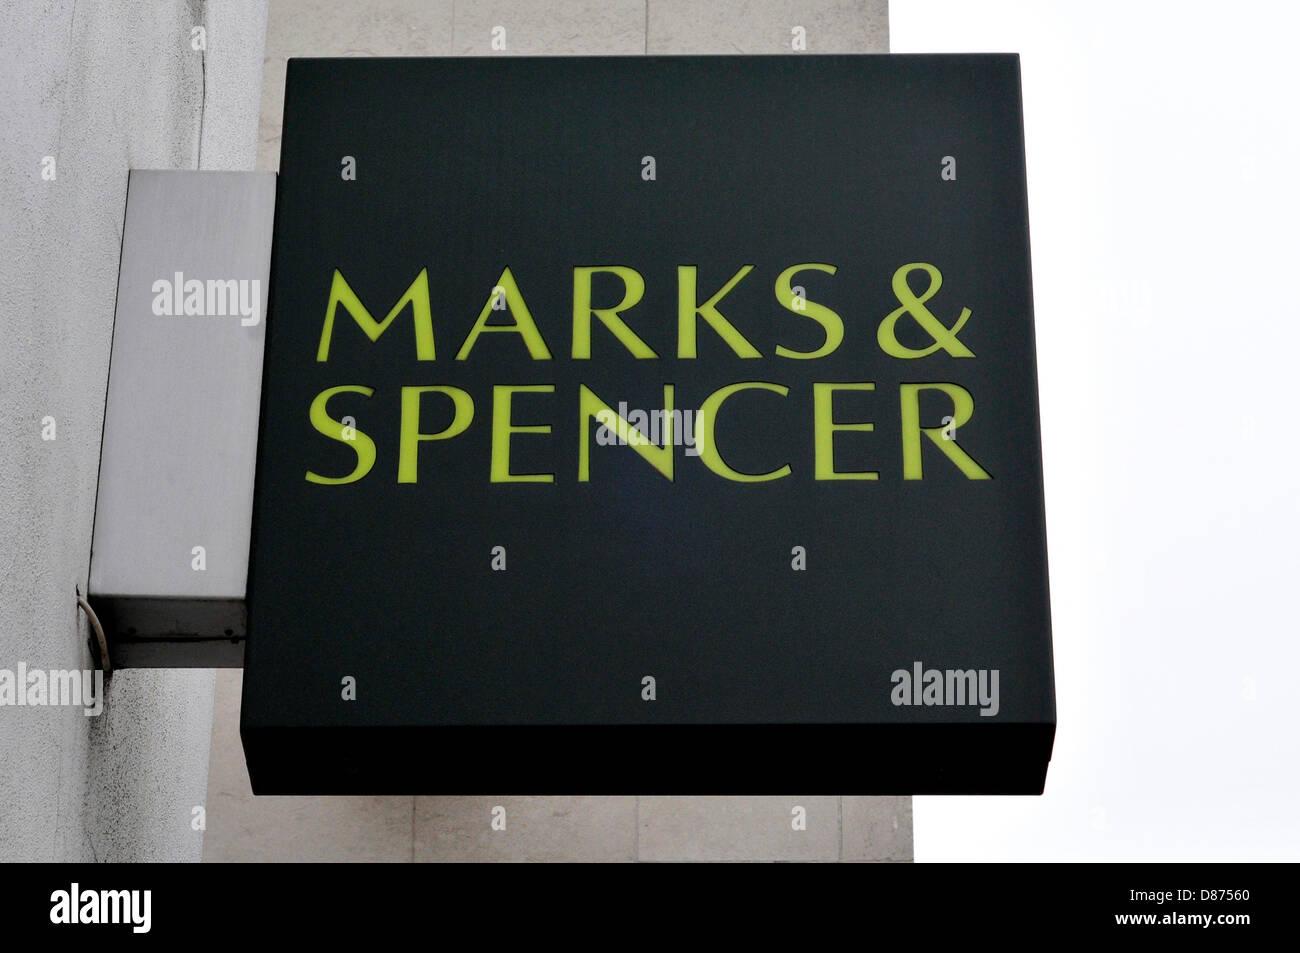 Aufatmen für Mark & Spencer, London, UK. Stockbild